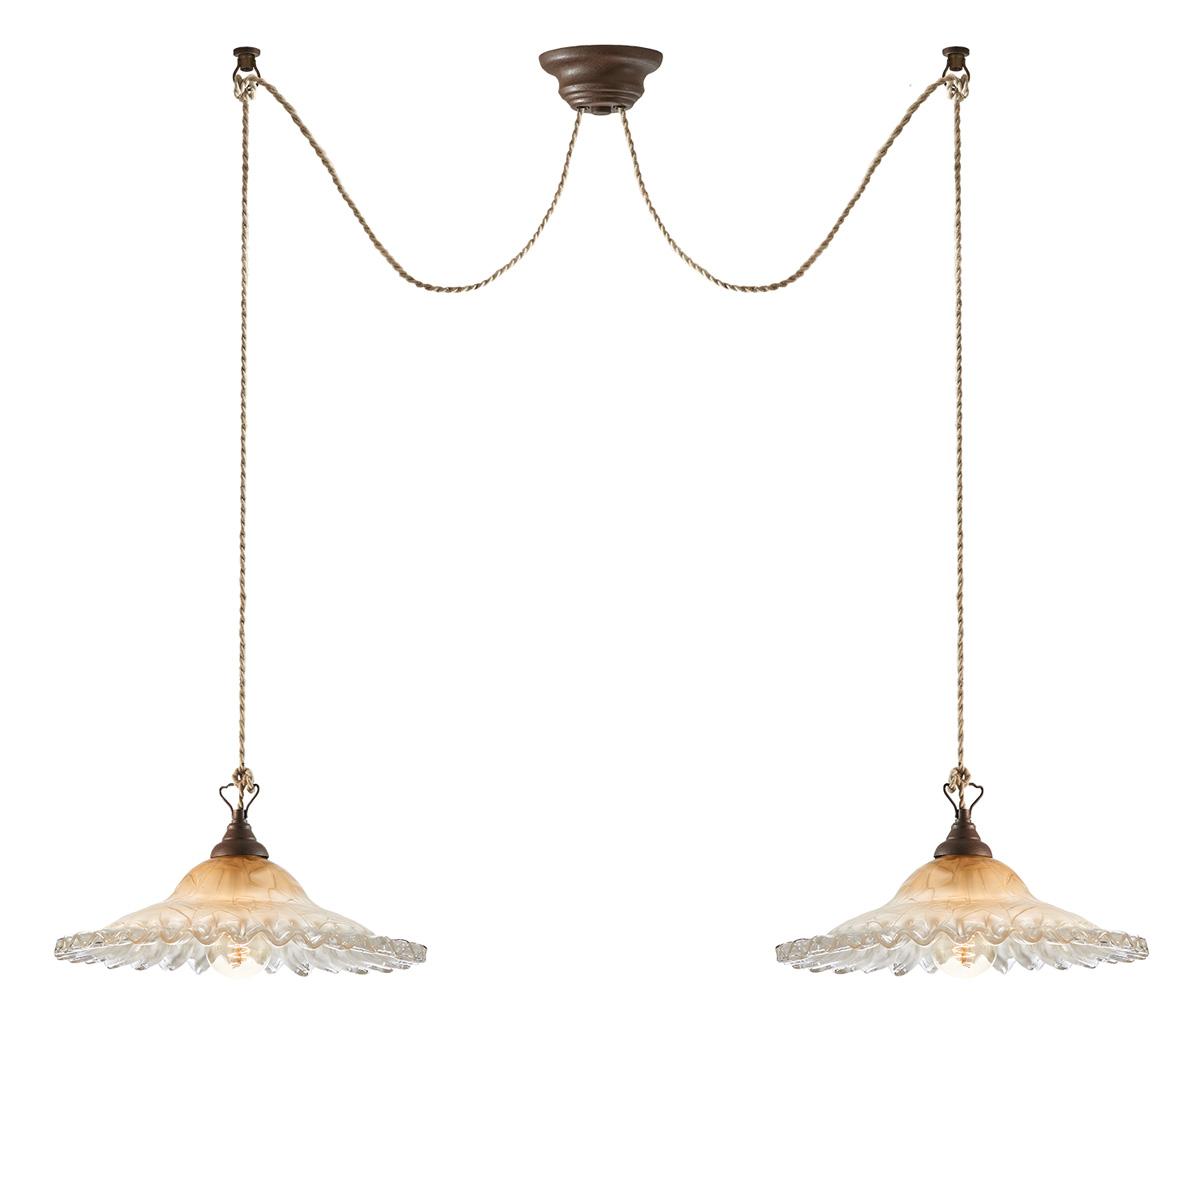 Δίφωτο παραδοσιακό φωτιστικό ΣΥΡΟΣ 2-bulb vintage lighting